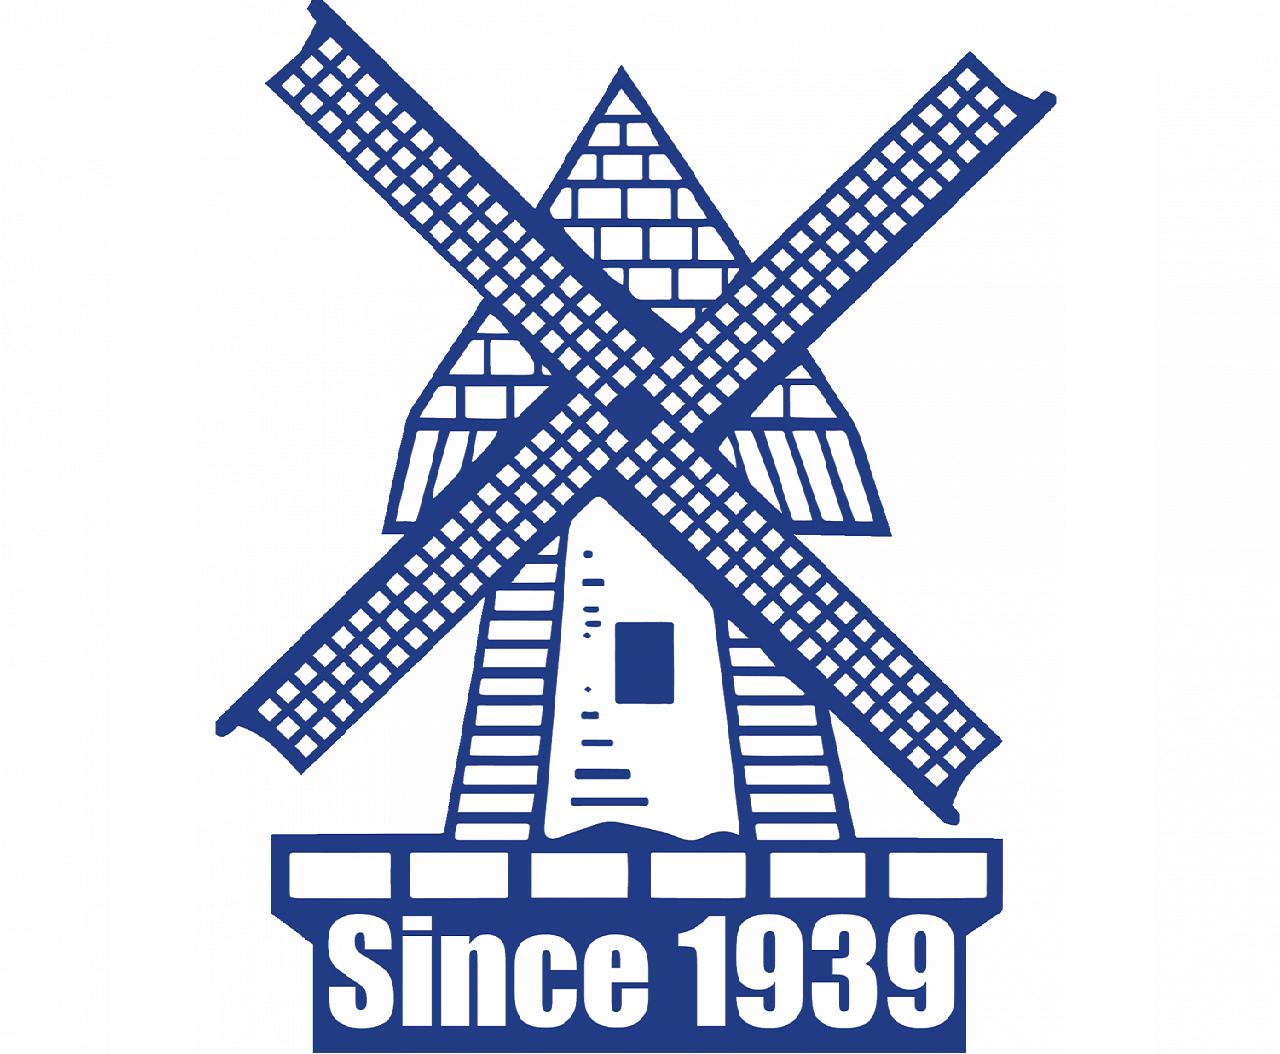 medium resolution of item no longer available